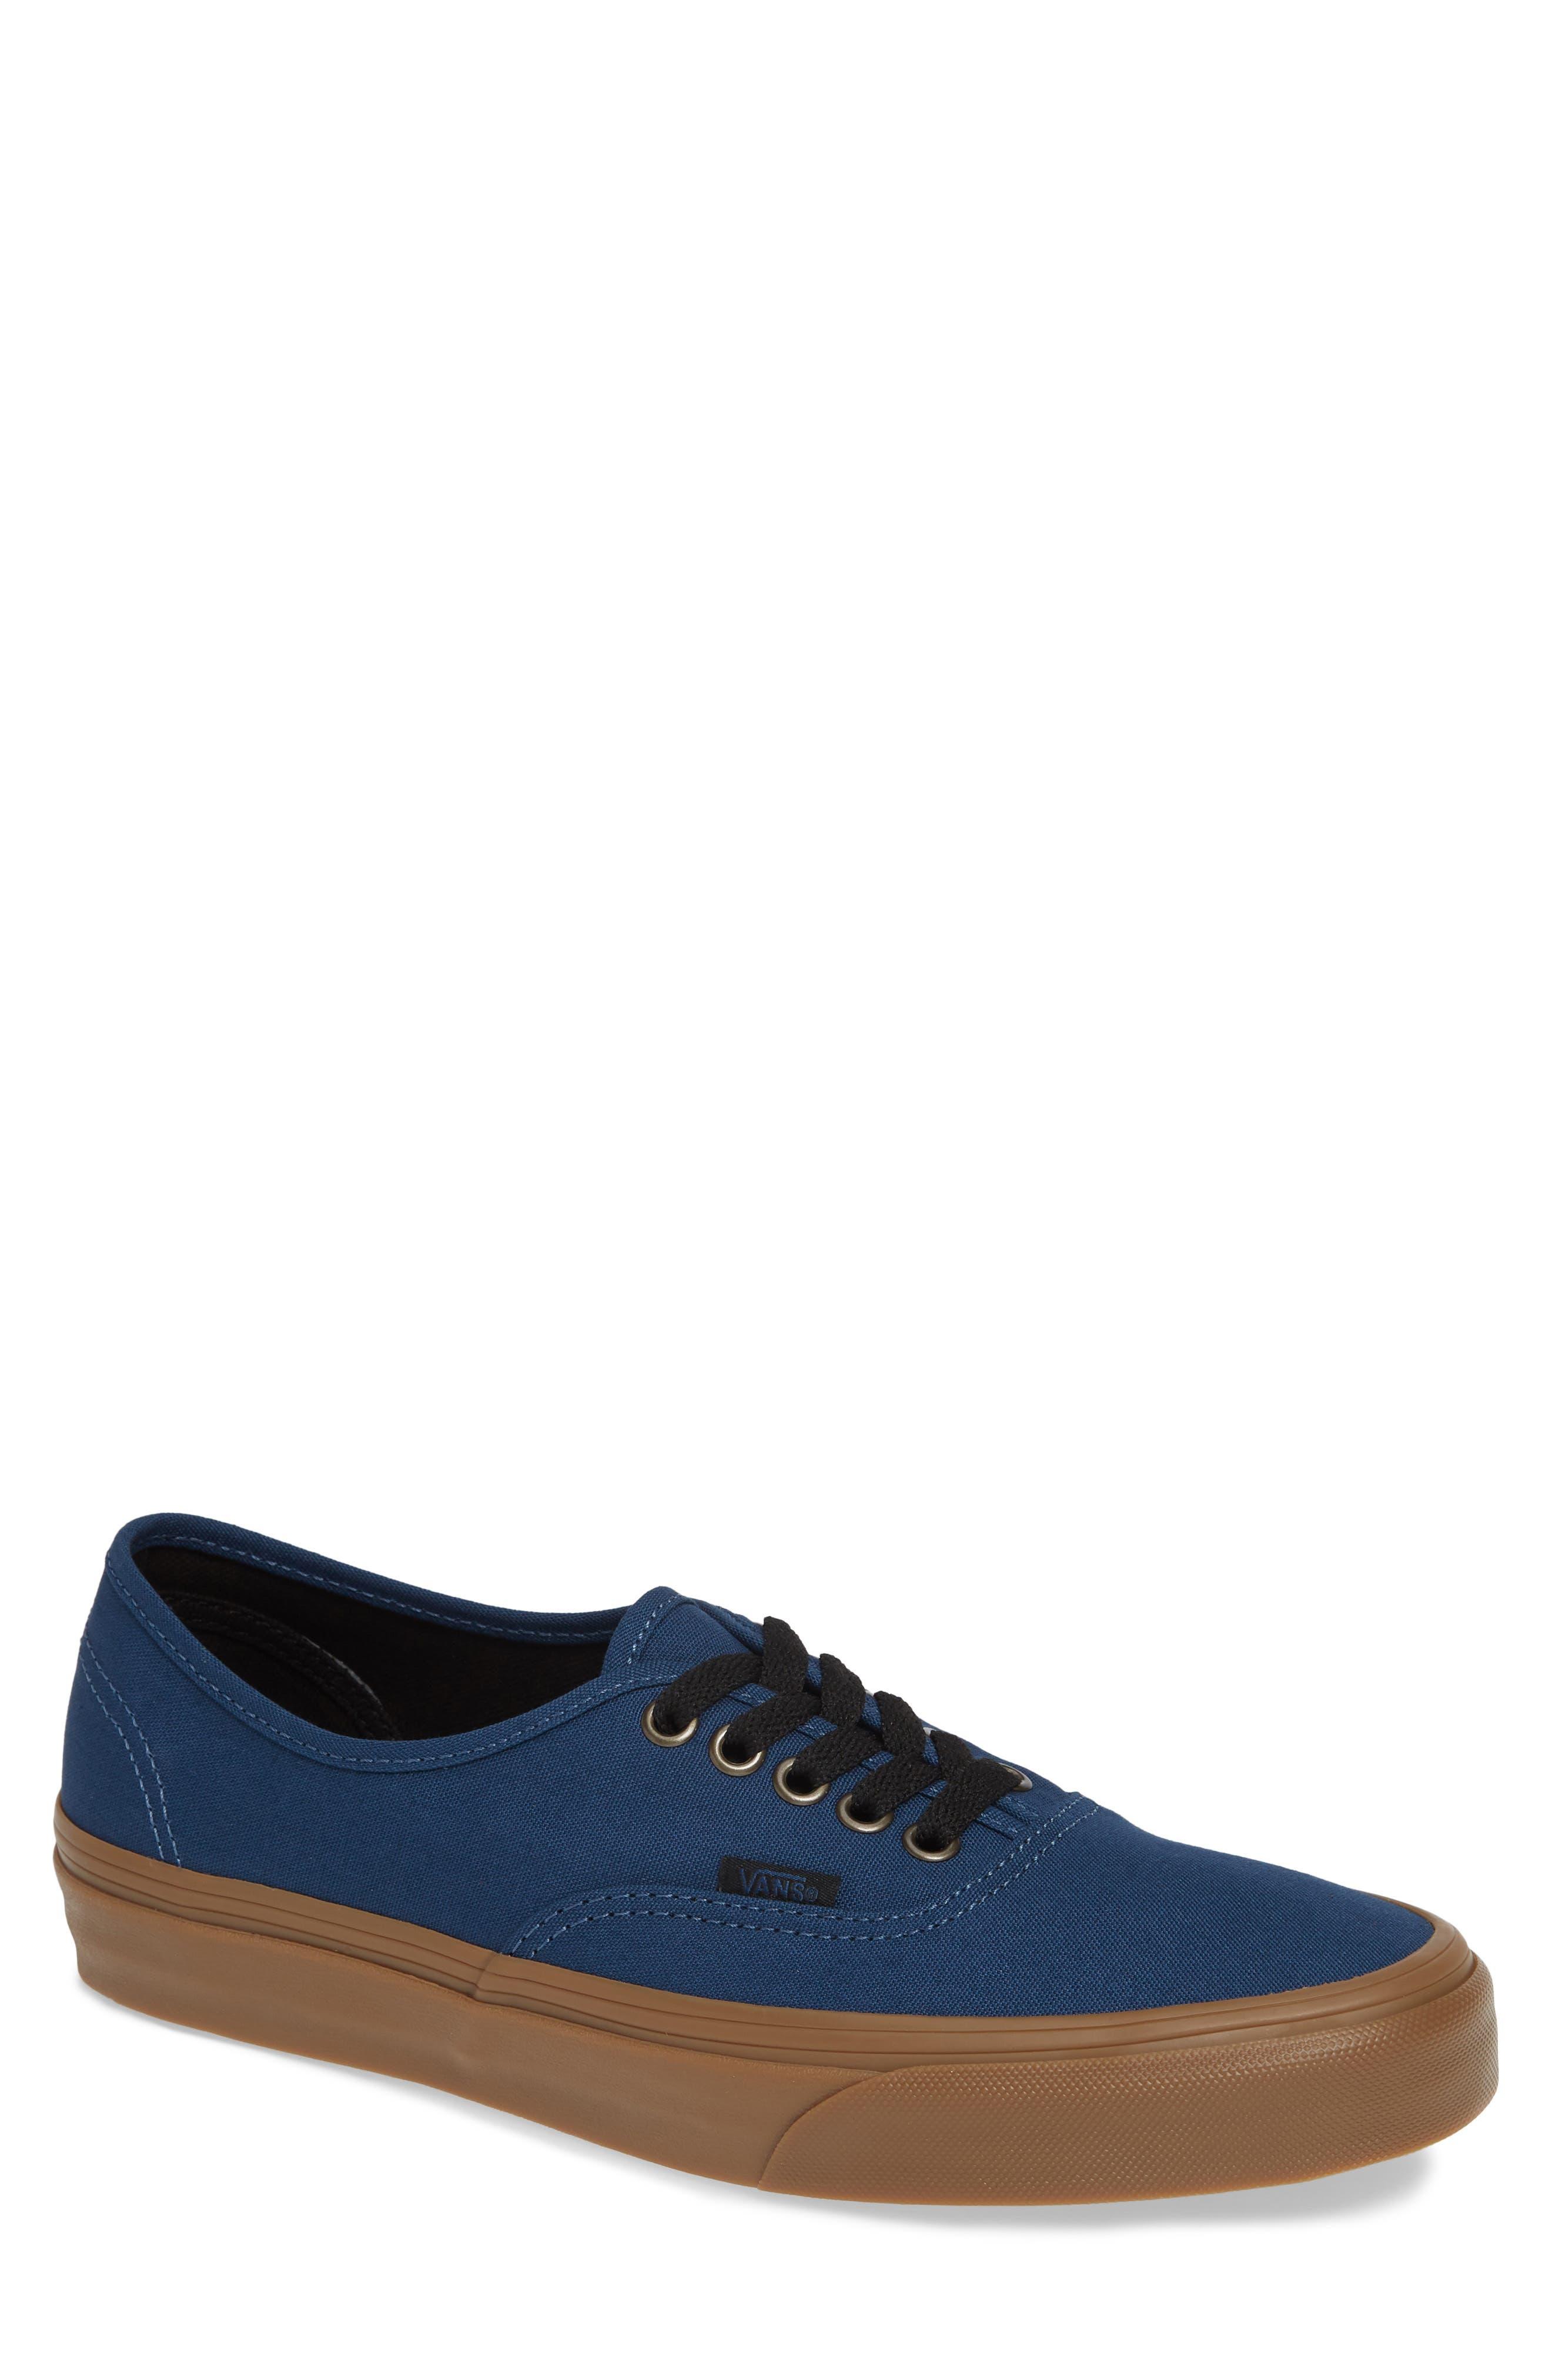 VANS,                             Authentic Gum Outsole Sneaker,                             Main thumbnail 1, color,                             401